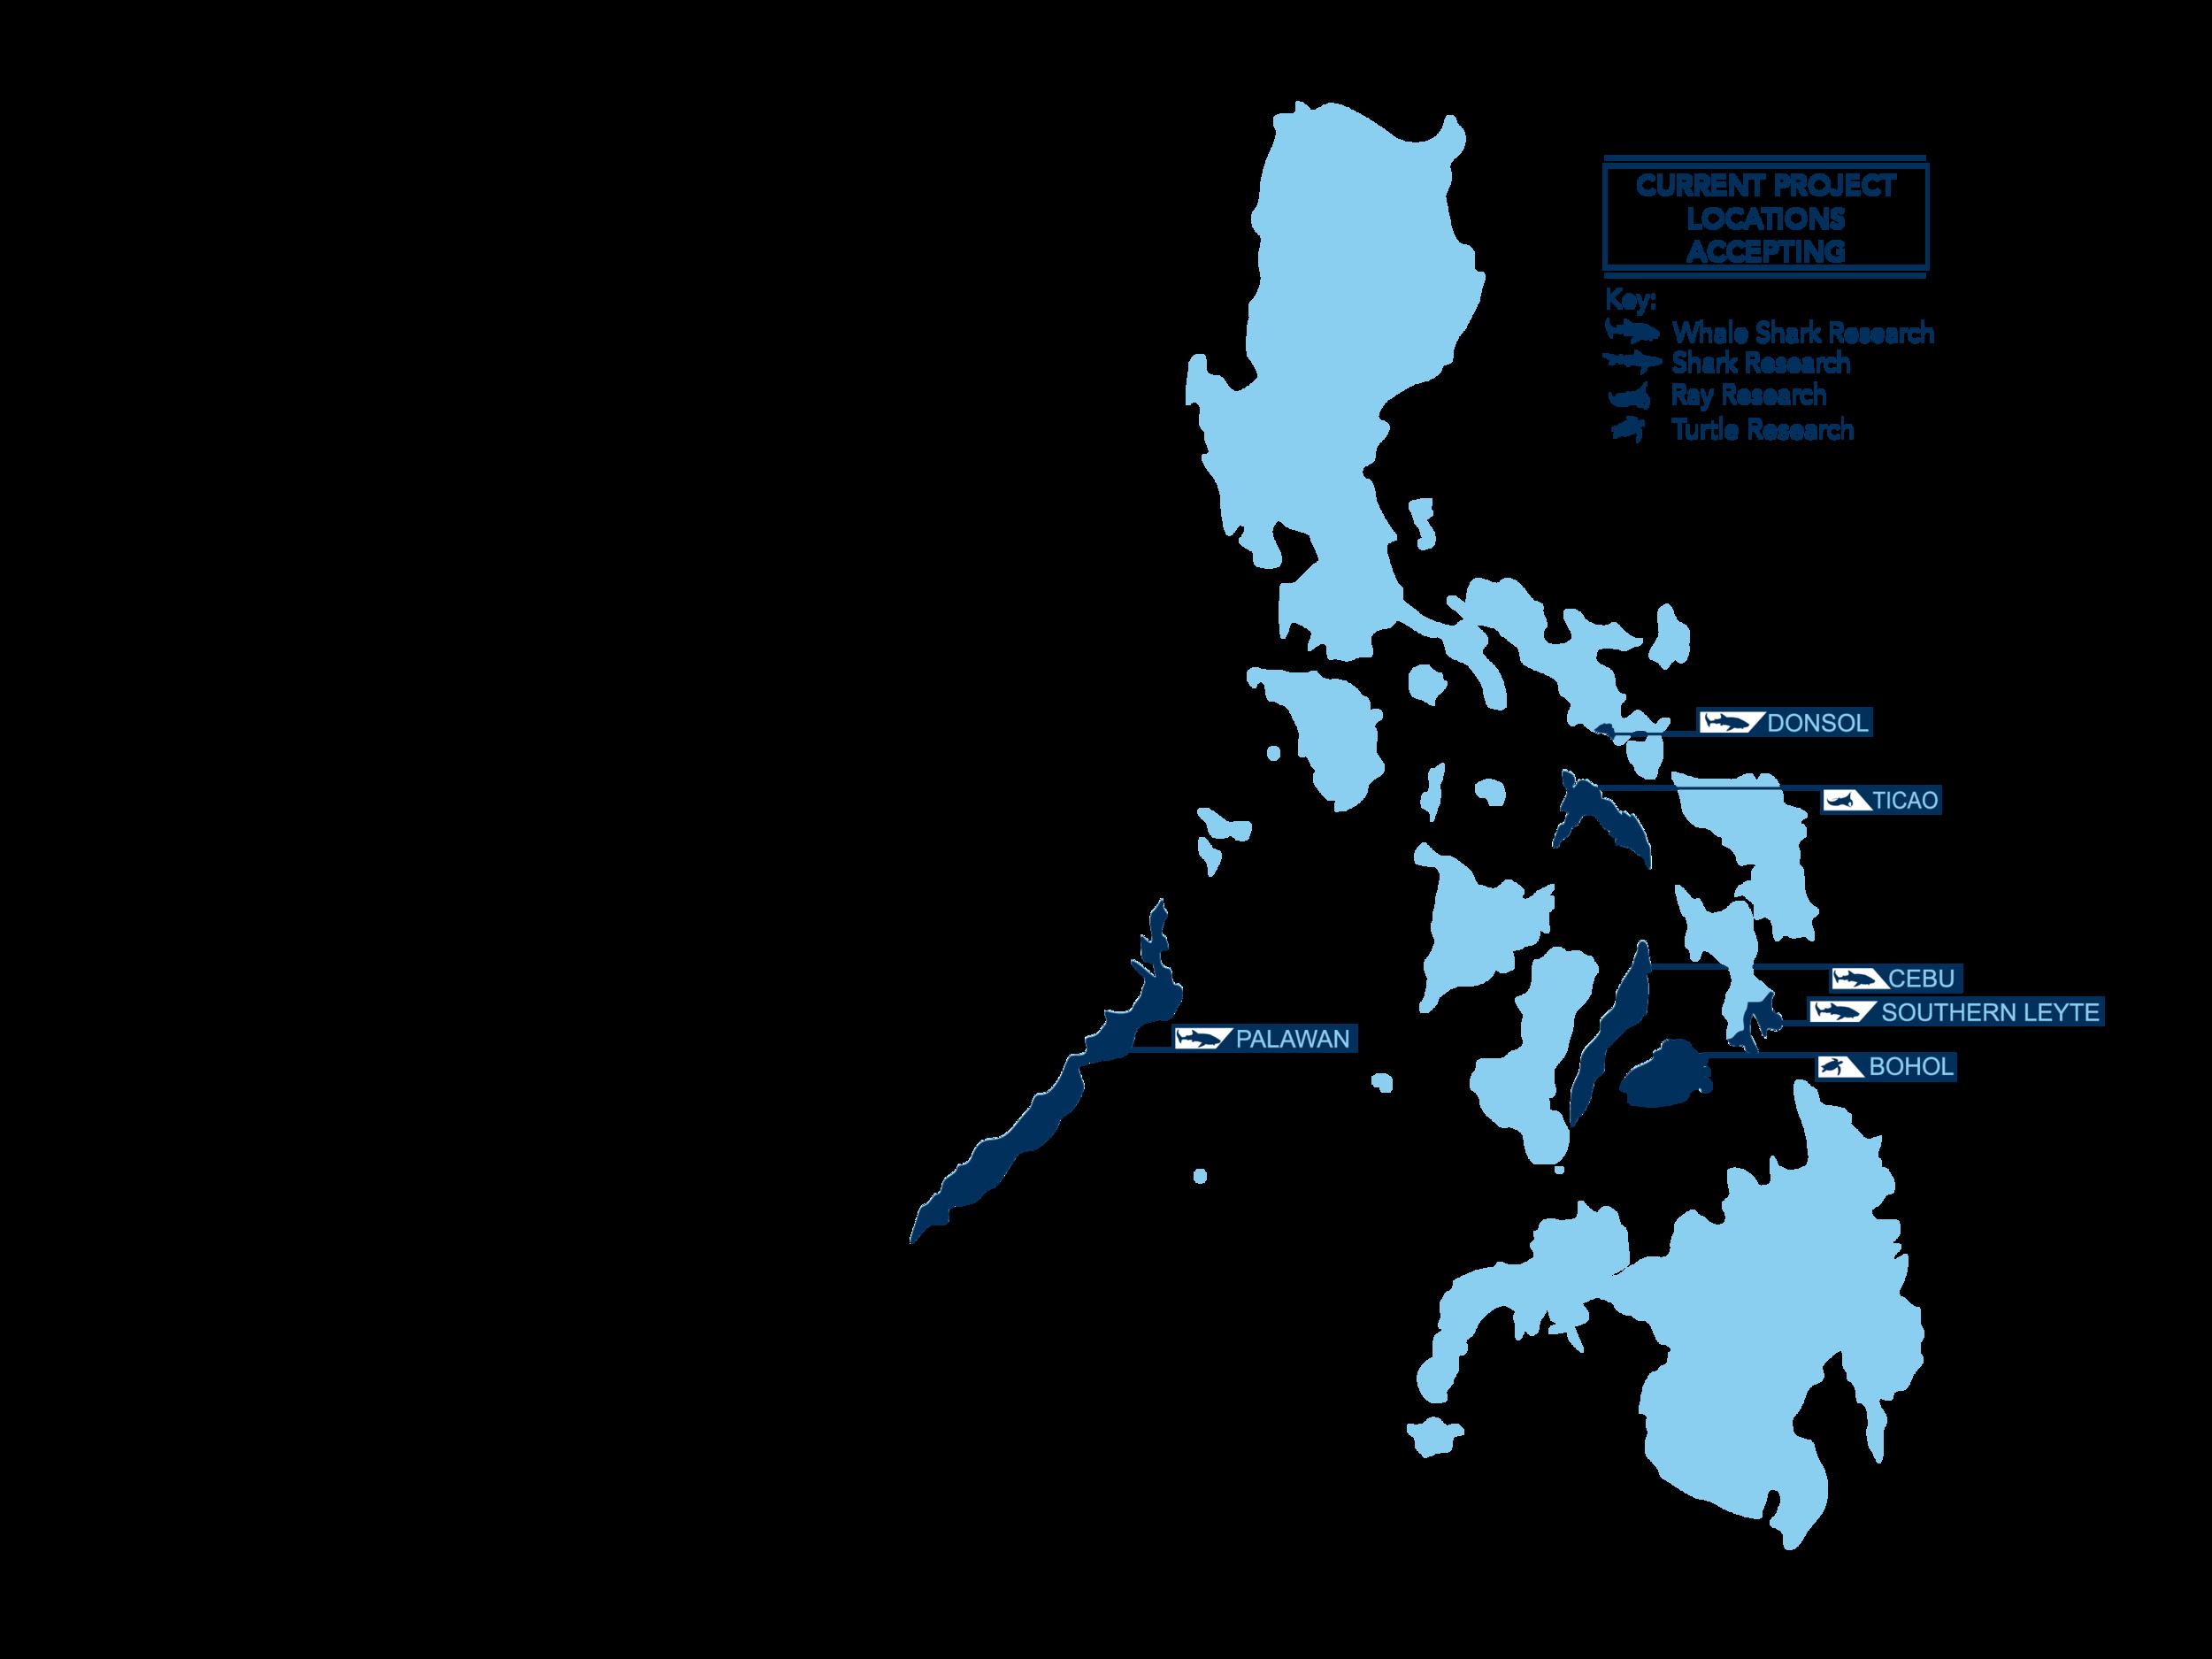 map and description lamave.png